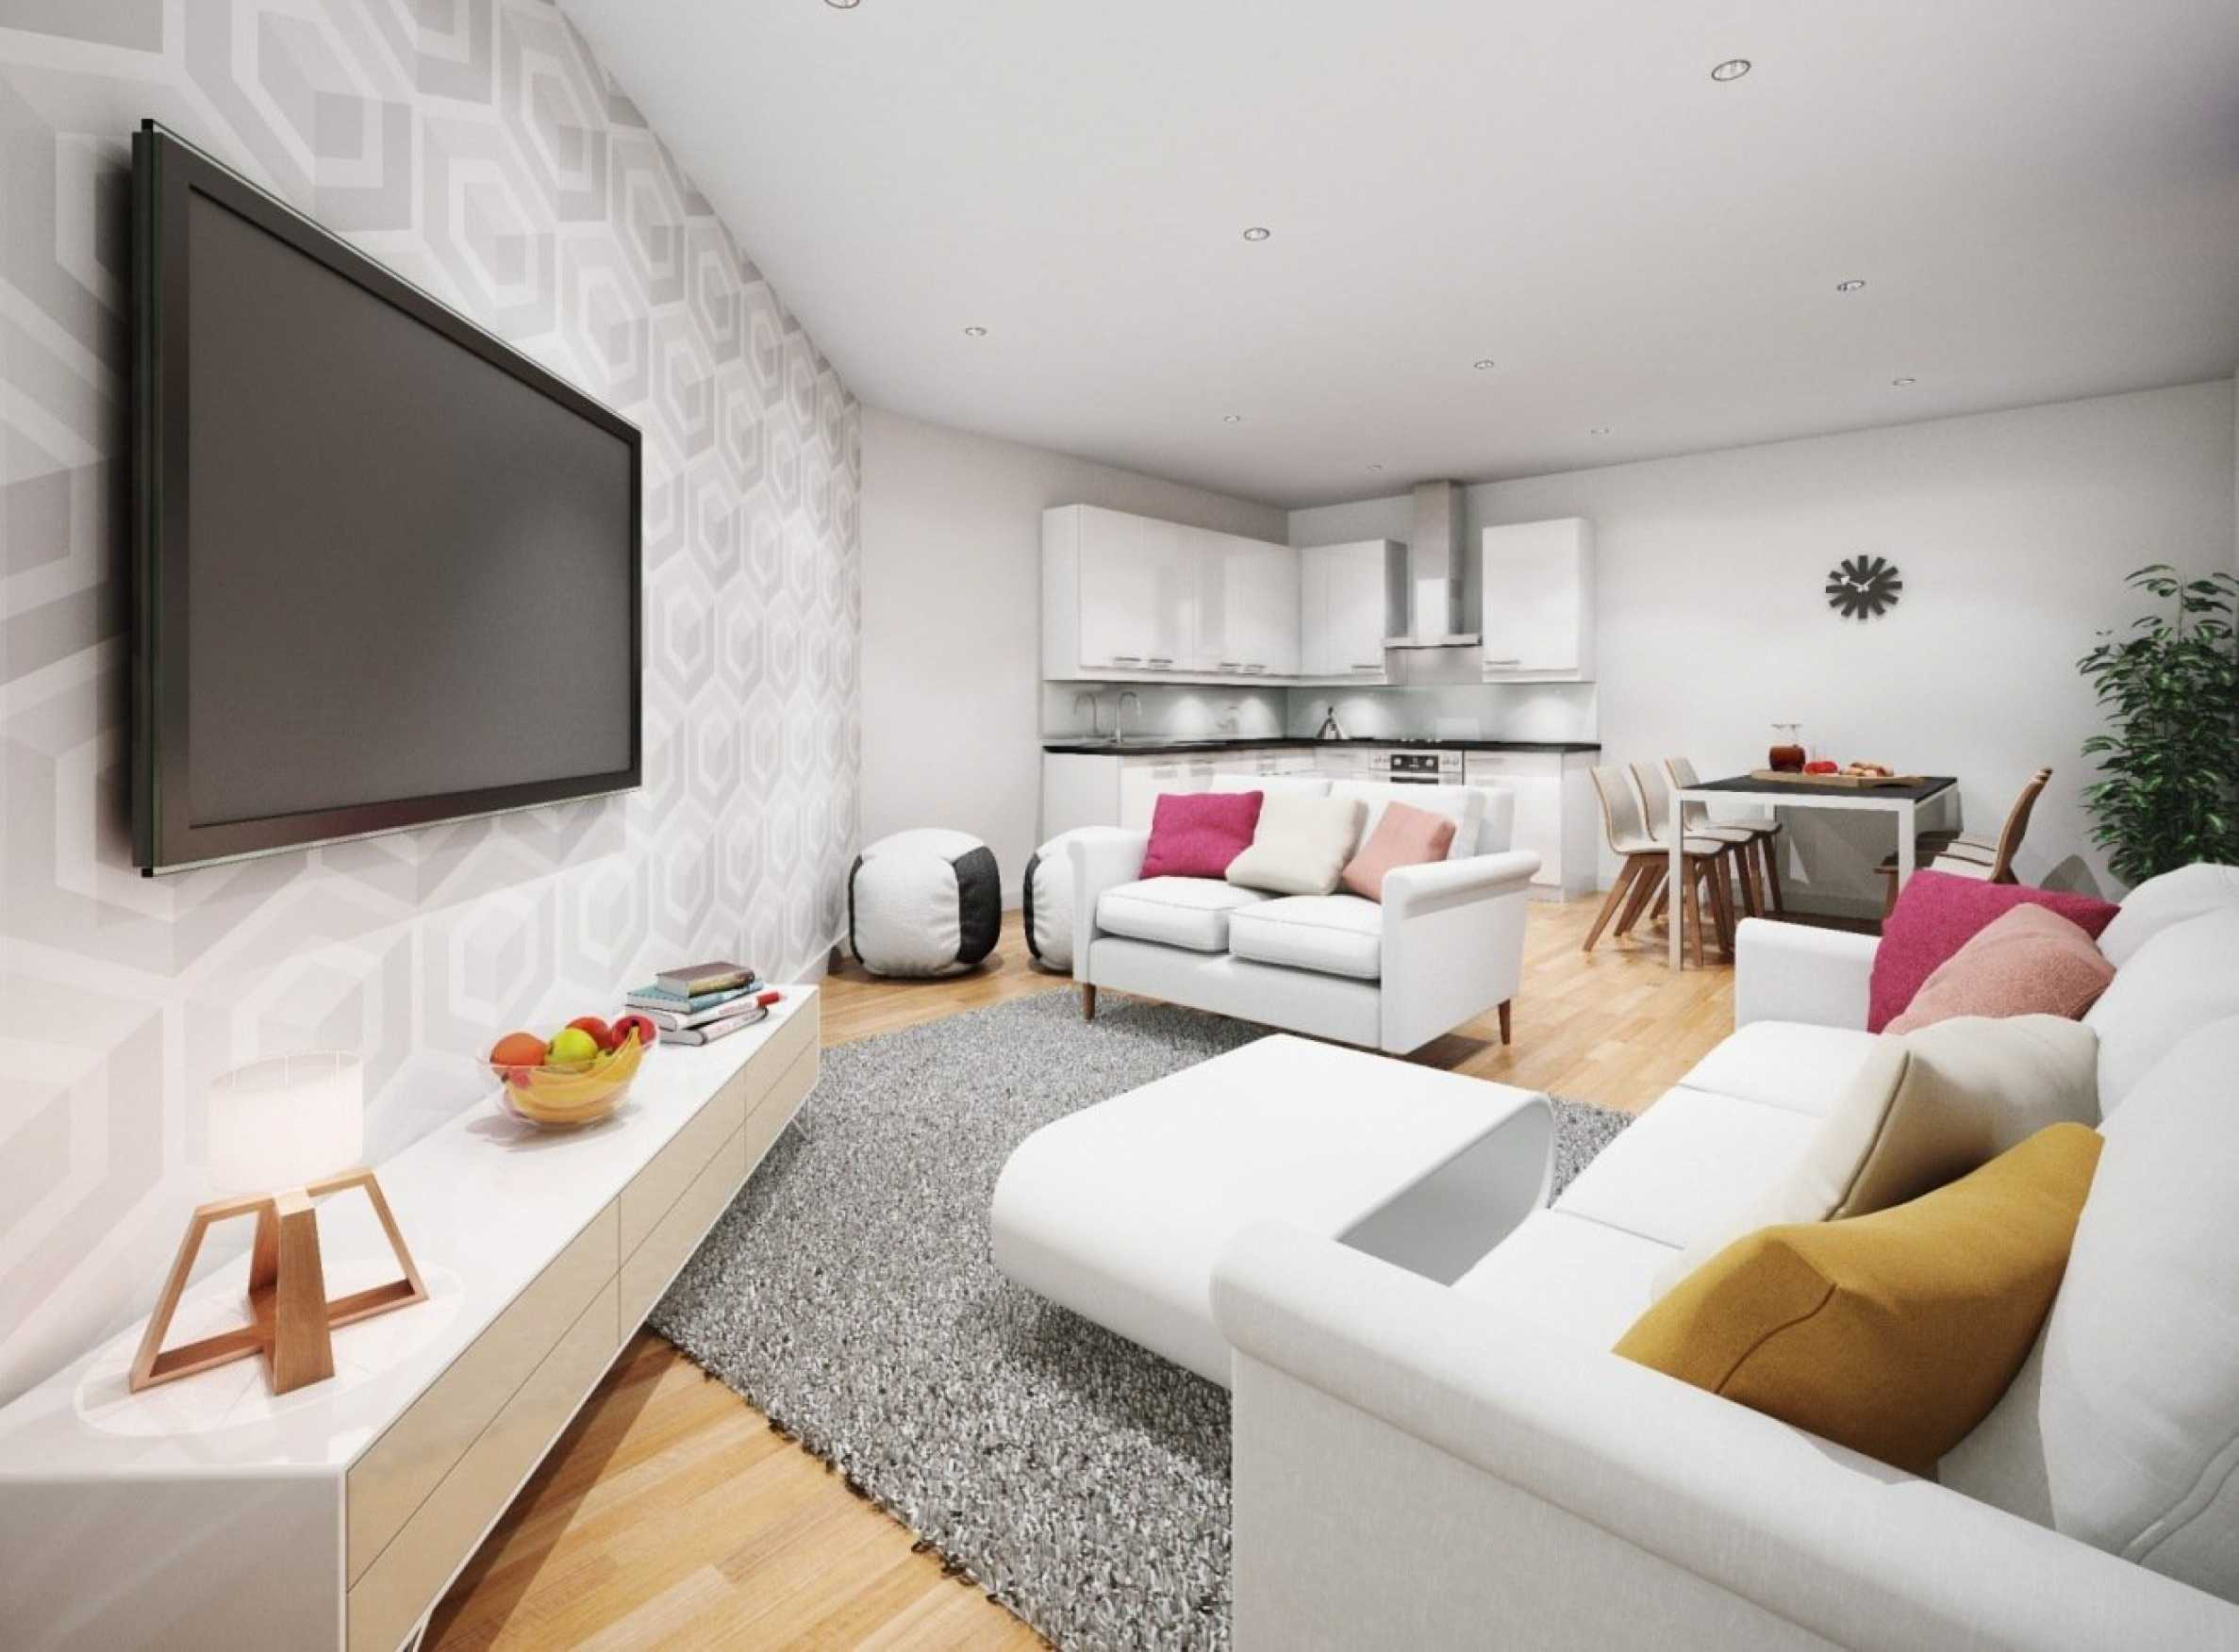 Student accommodation near Bradford University2 - Stonehard